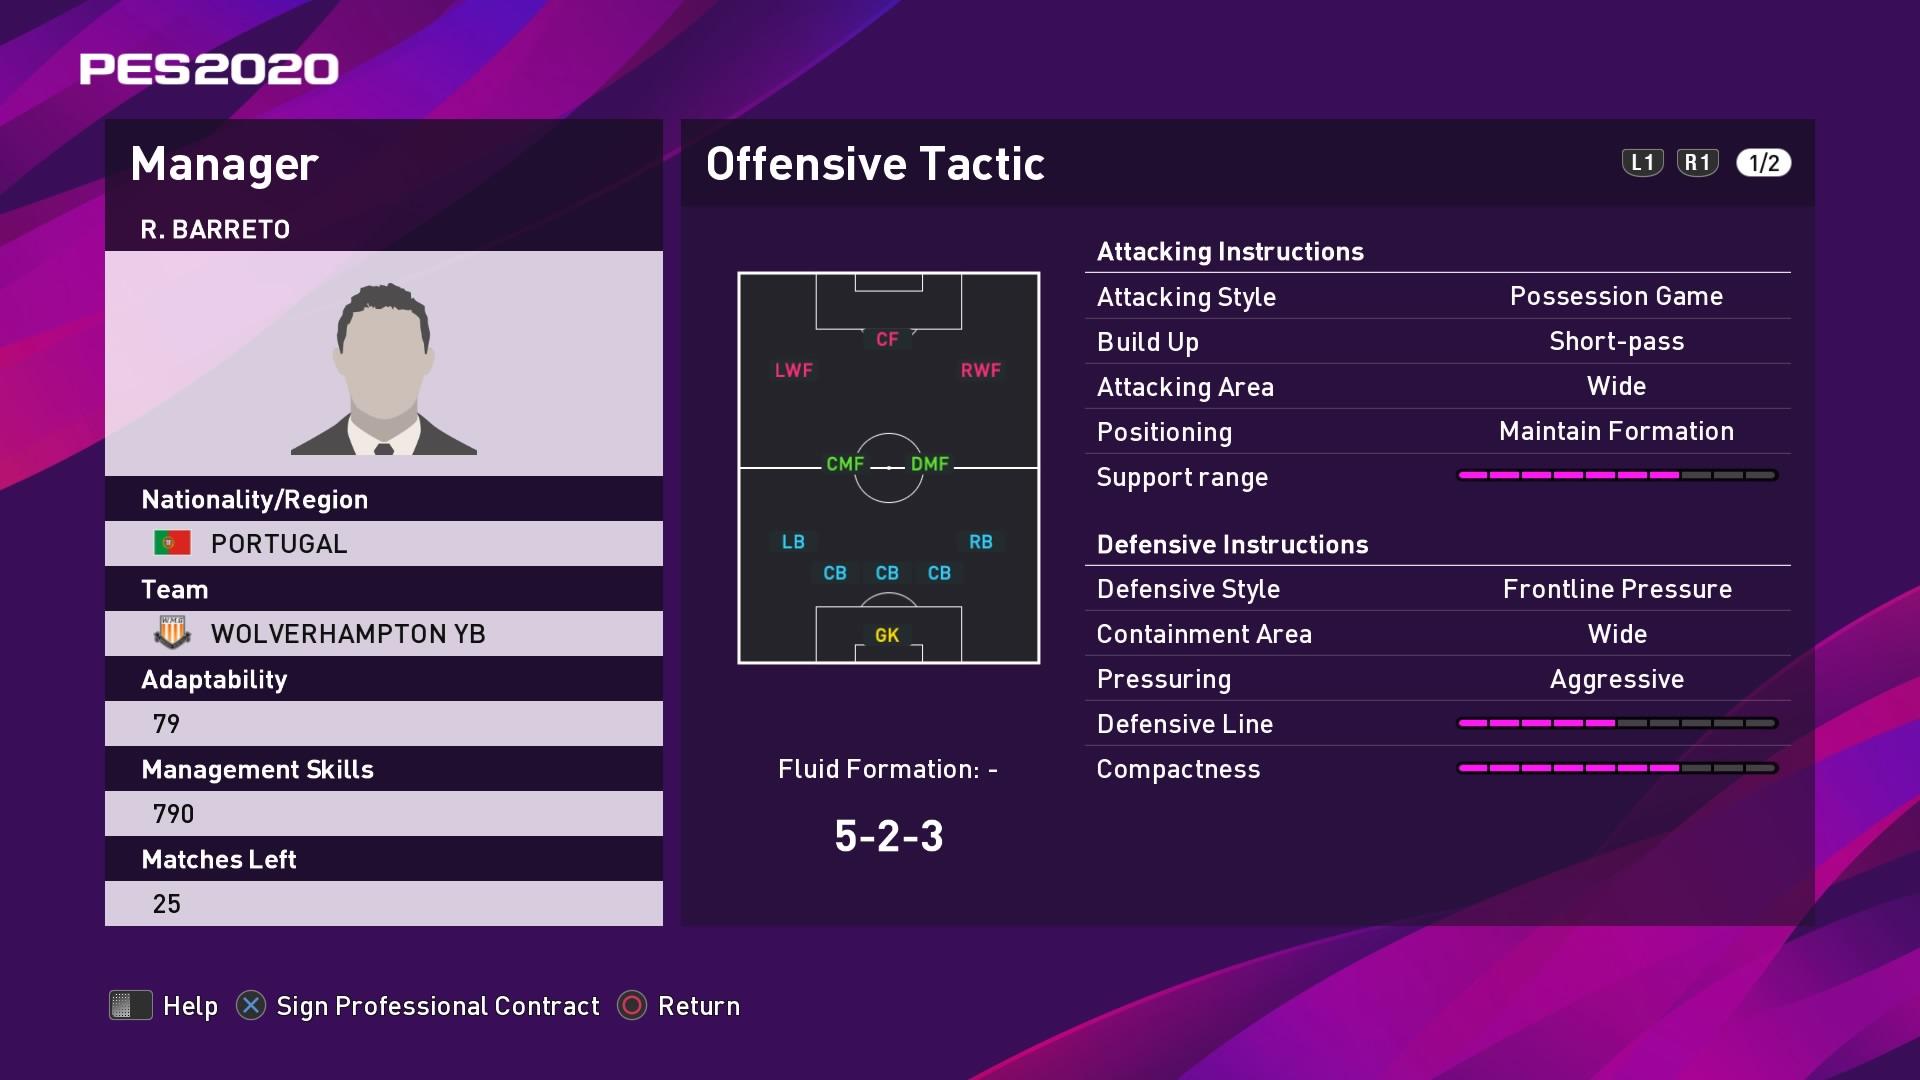 R. Barreto (Nuno Espírito Santo) Offensive Tactic in PES 2020 myClub